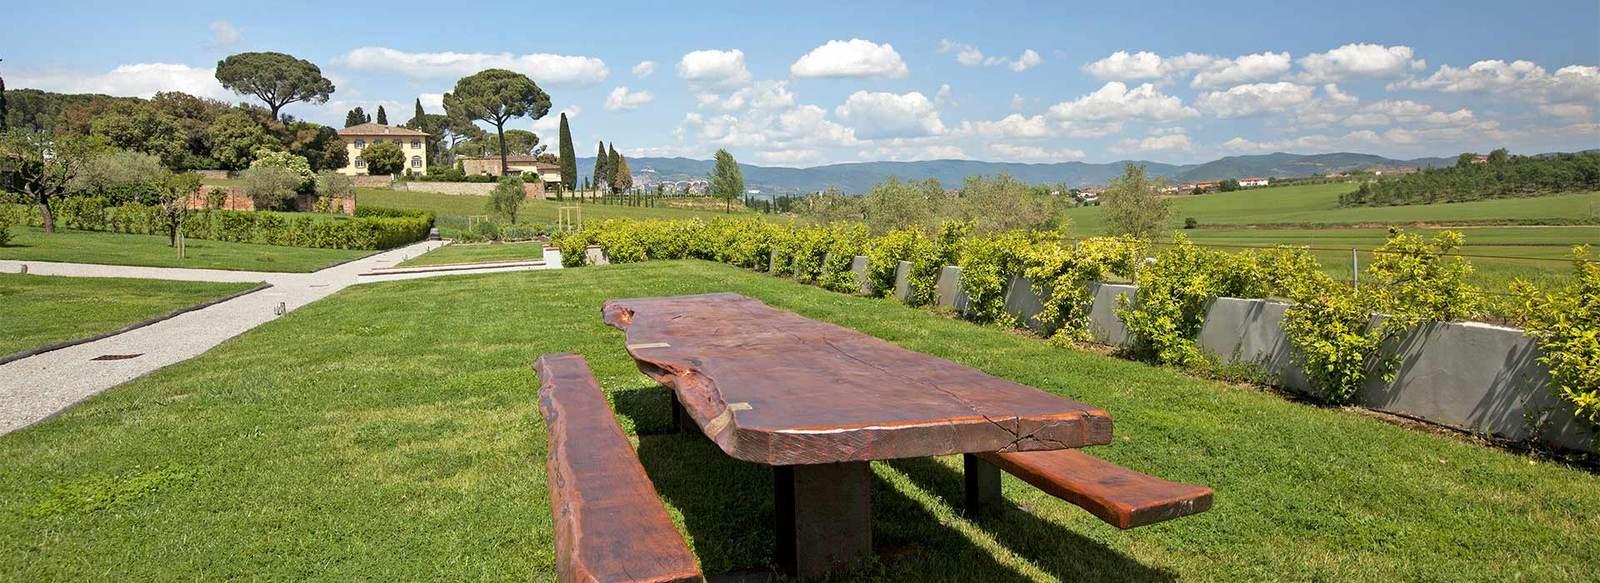 Borgo storico immerso tra le colline toscane